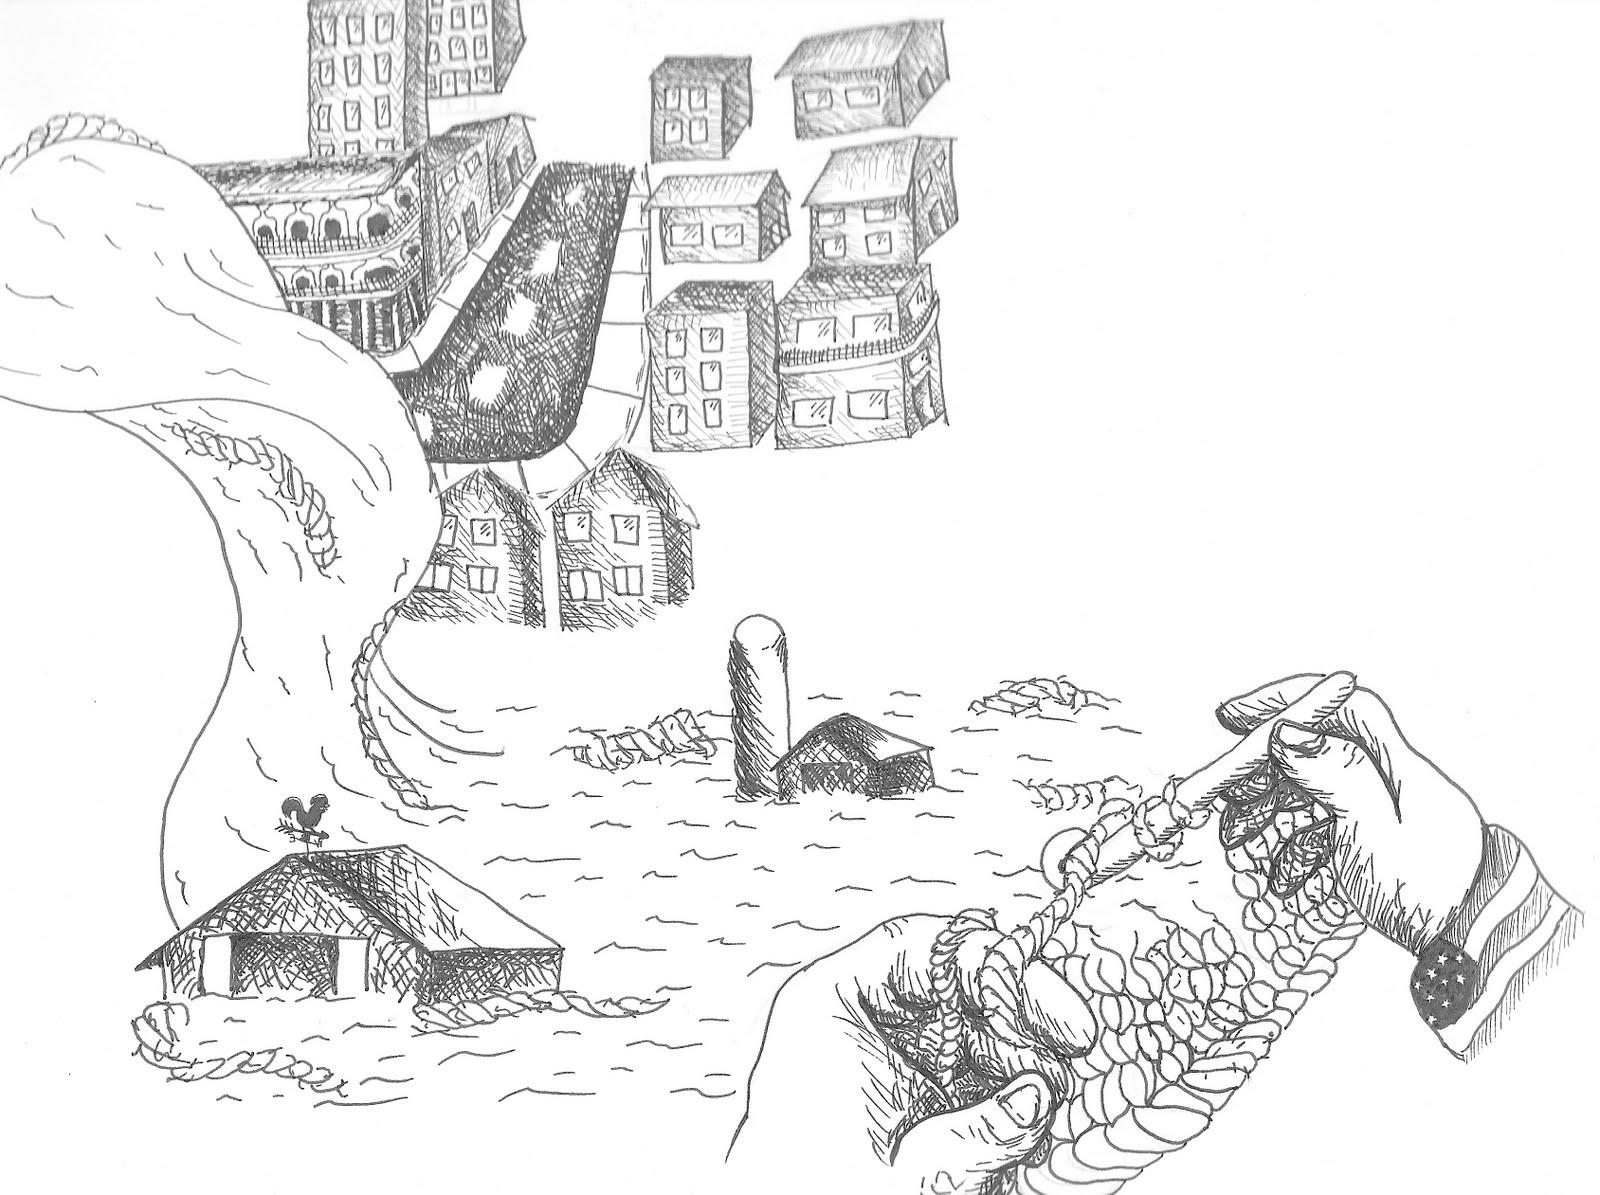 Lisa Bosco S Art Blog Flood Illustration